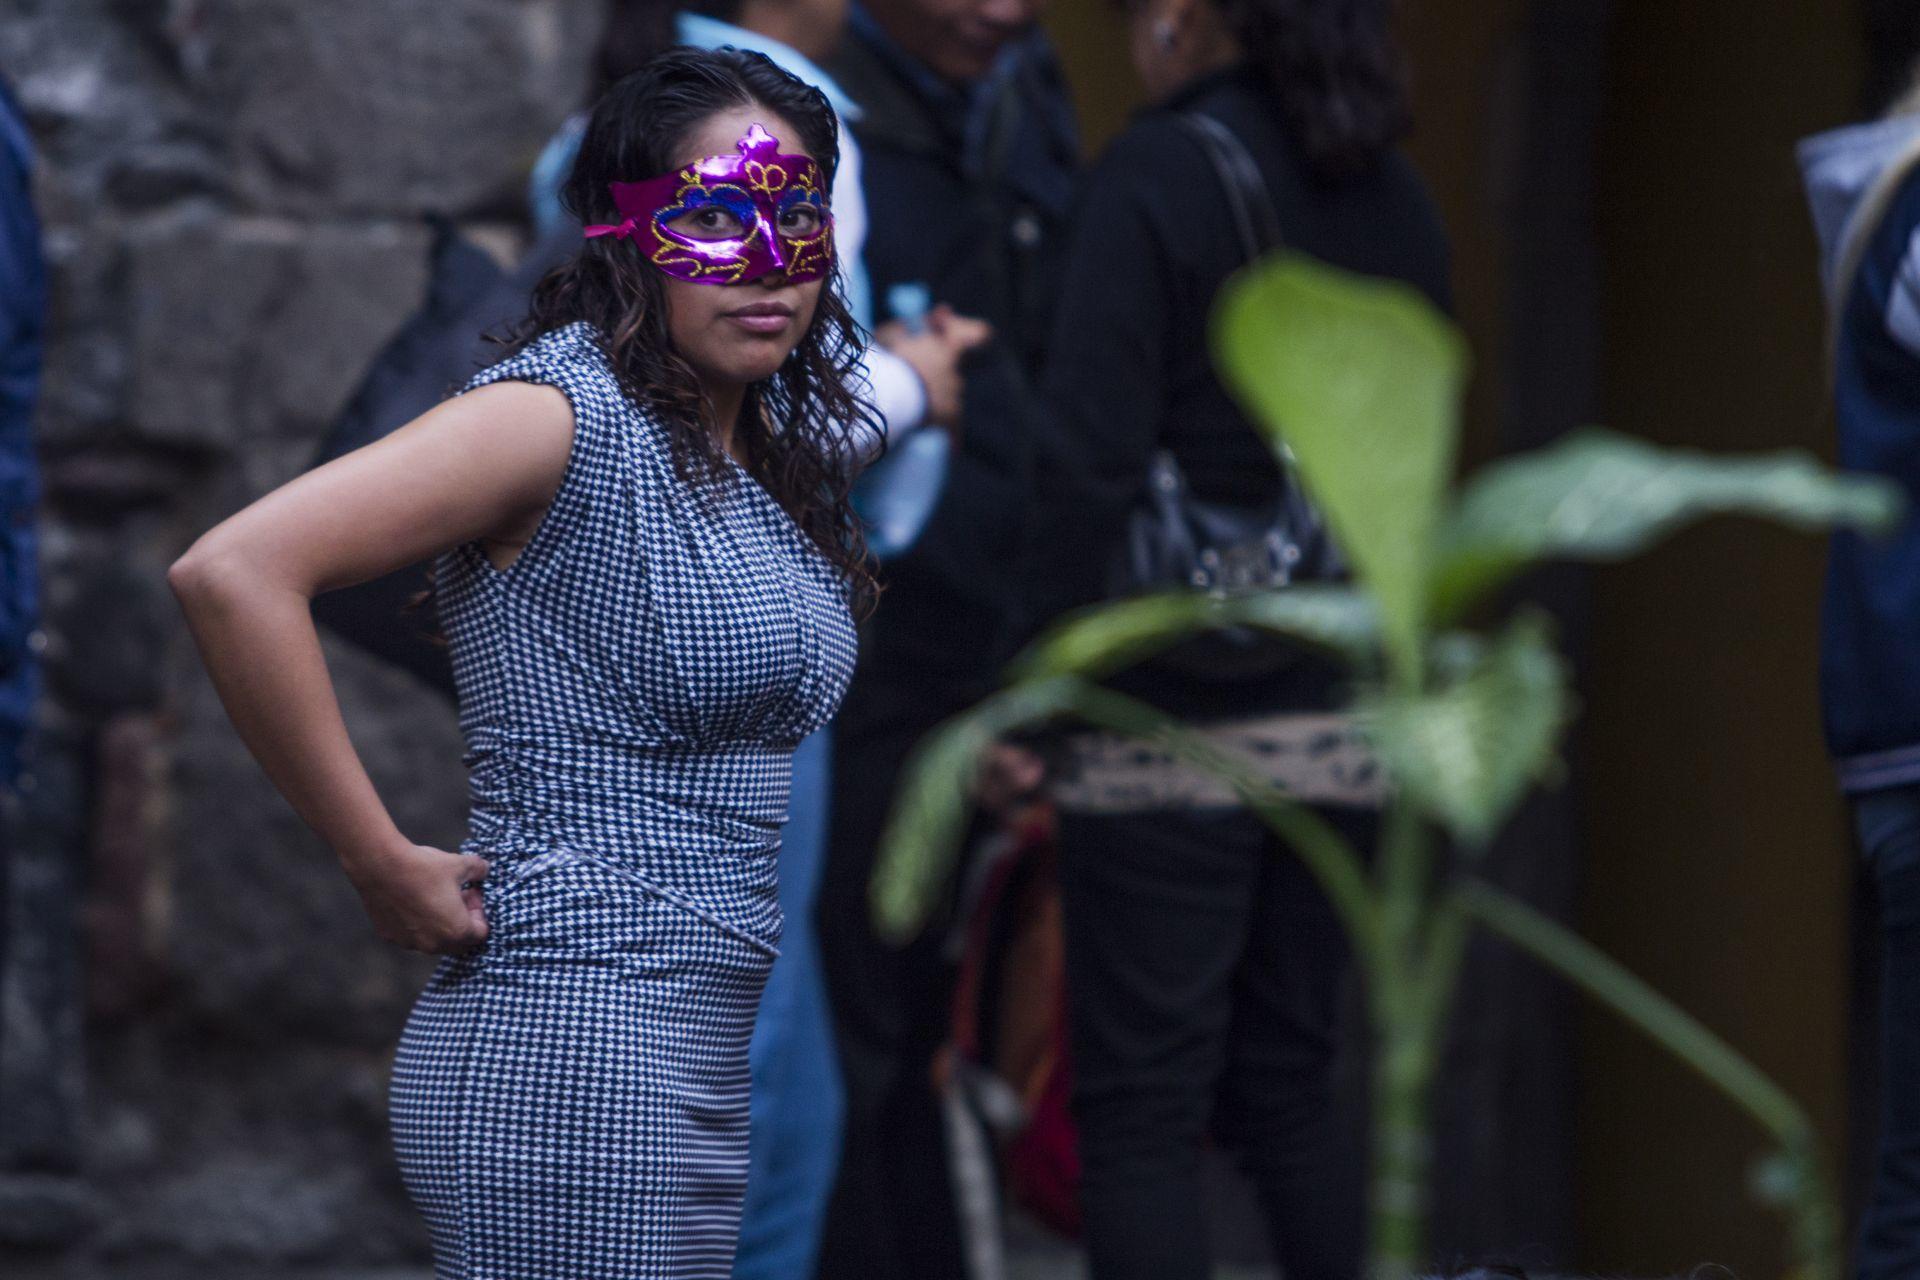 Consejo Ciudadano: Prostitución, la de mayor denuncia en trata de personas